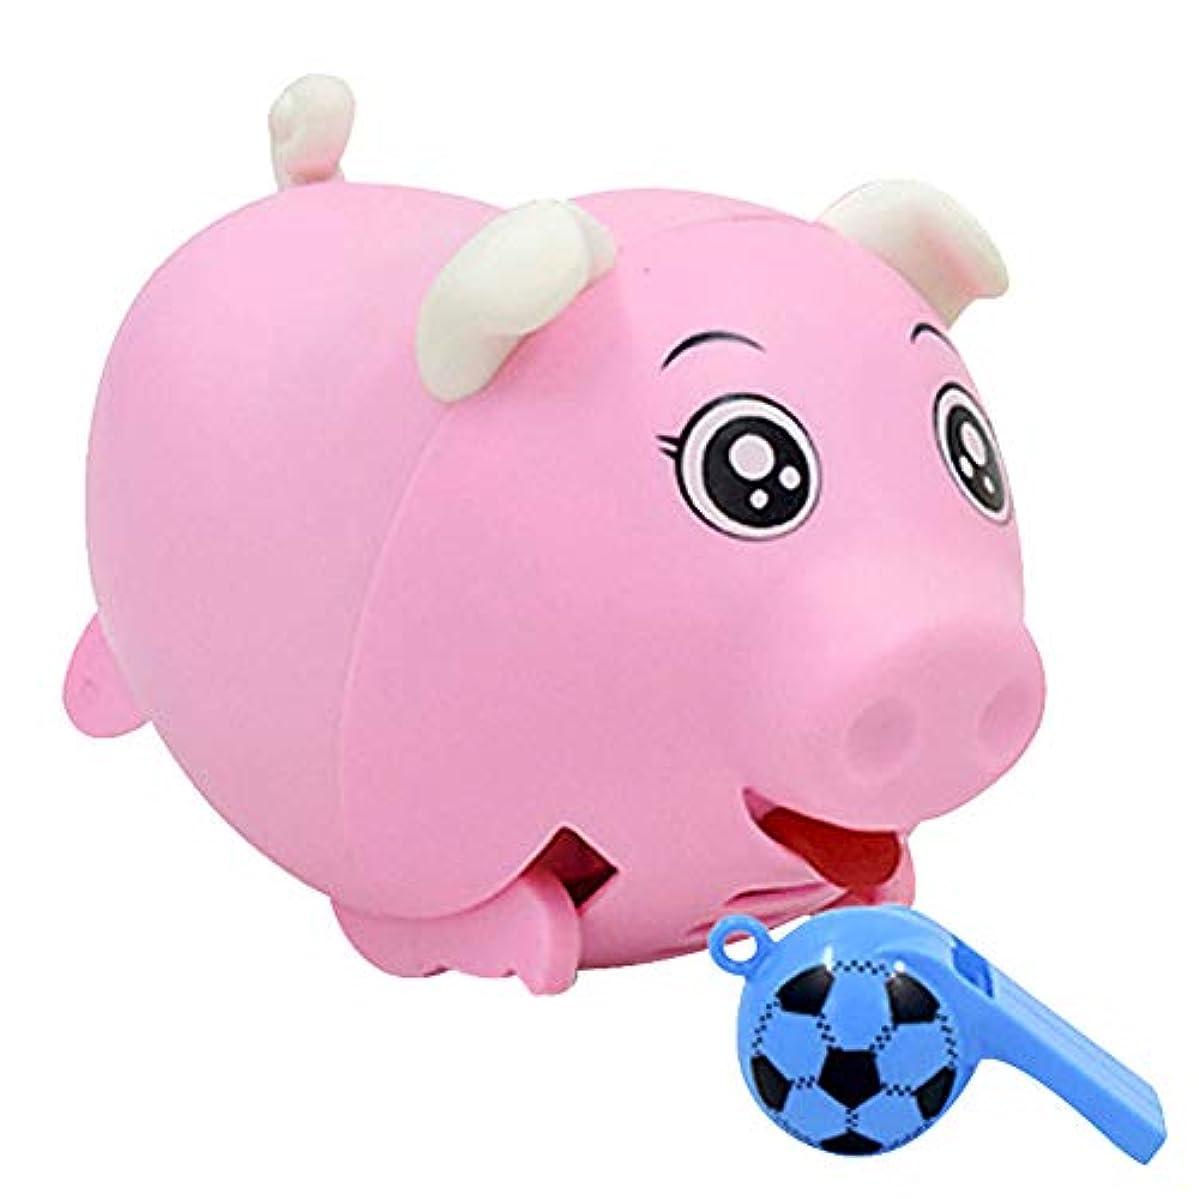 木製固執偽装するprofeel 音声起動豚のおもちゃ、おもちゃの実行豚、ホイッスルサウンドコントロール誘導電動豚おもちゃクリスマスギフト